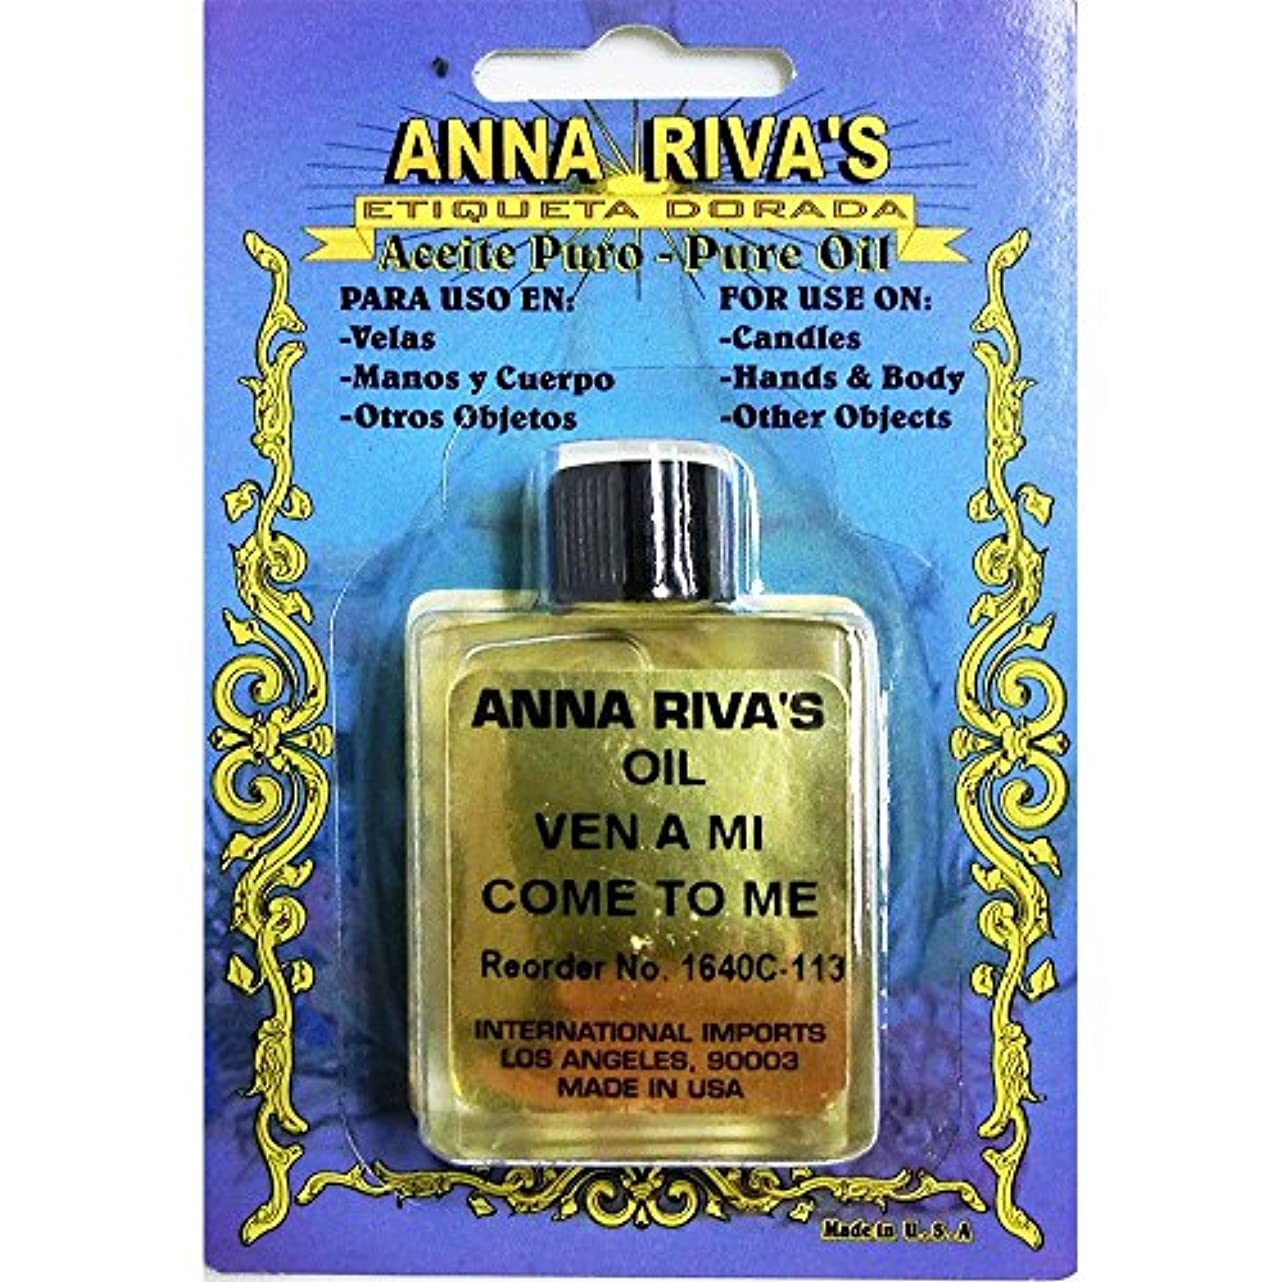 Anna Riva Divine Pure Oil - Special Scented - Come to Me